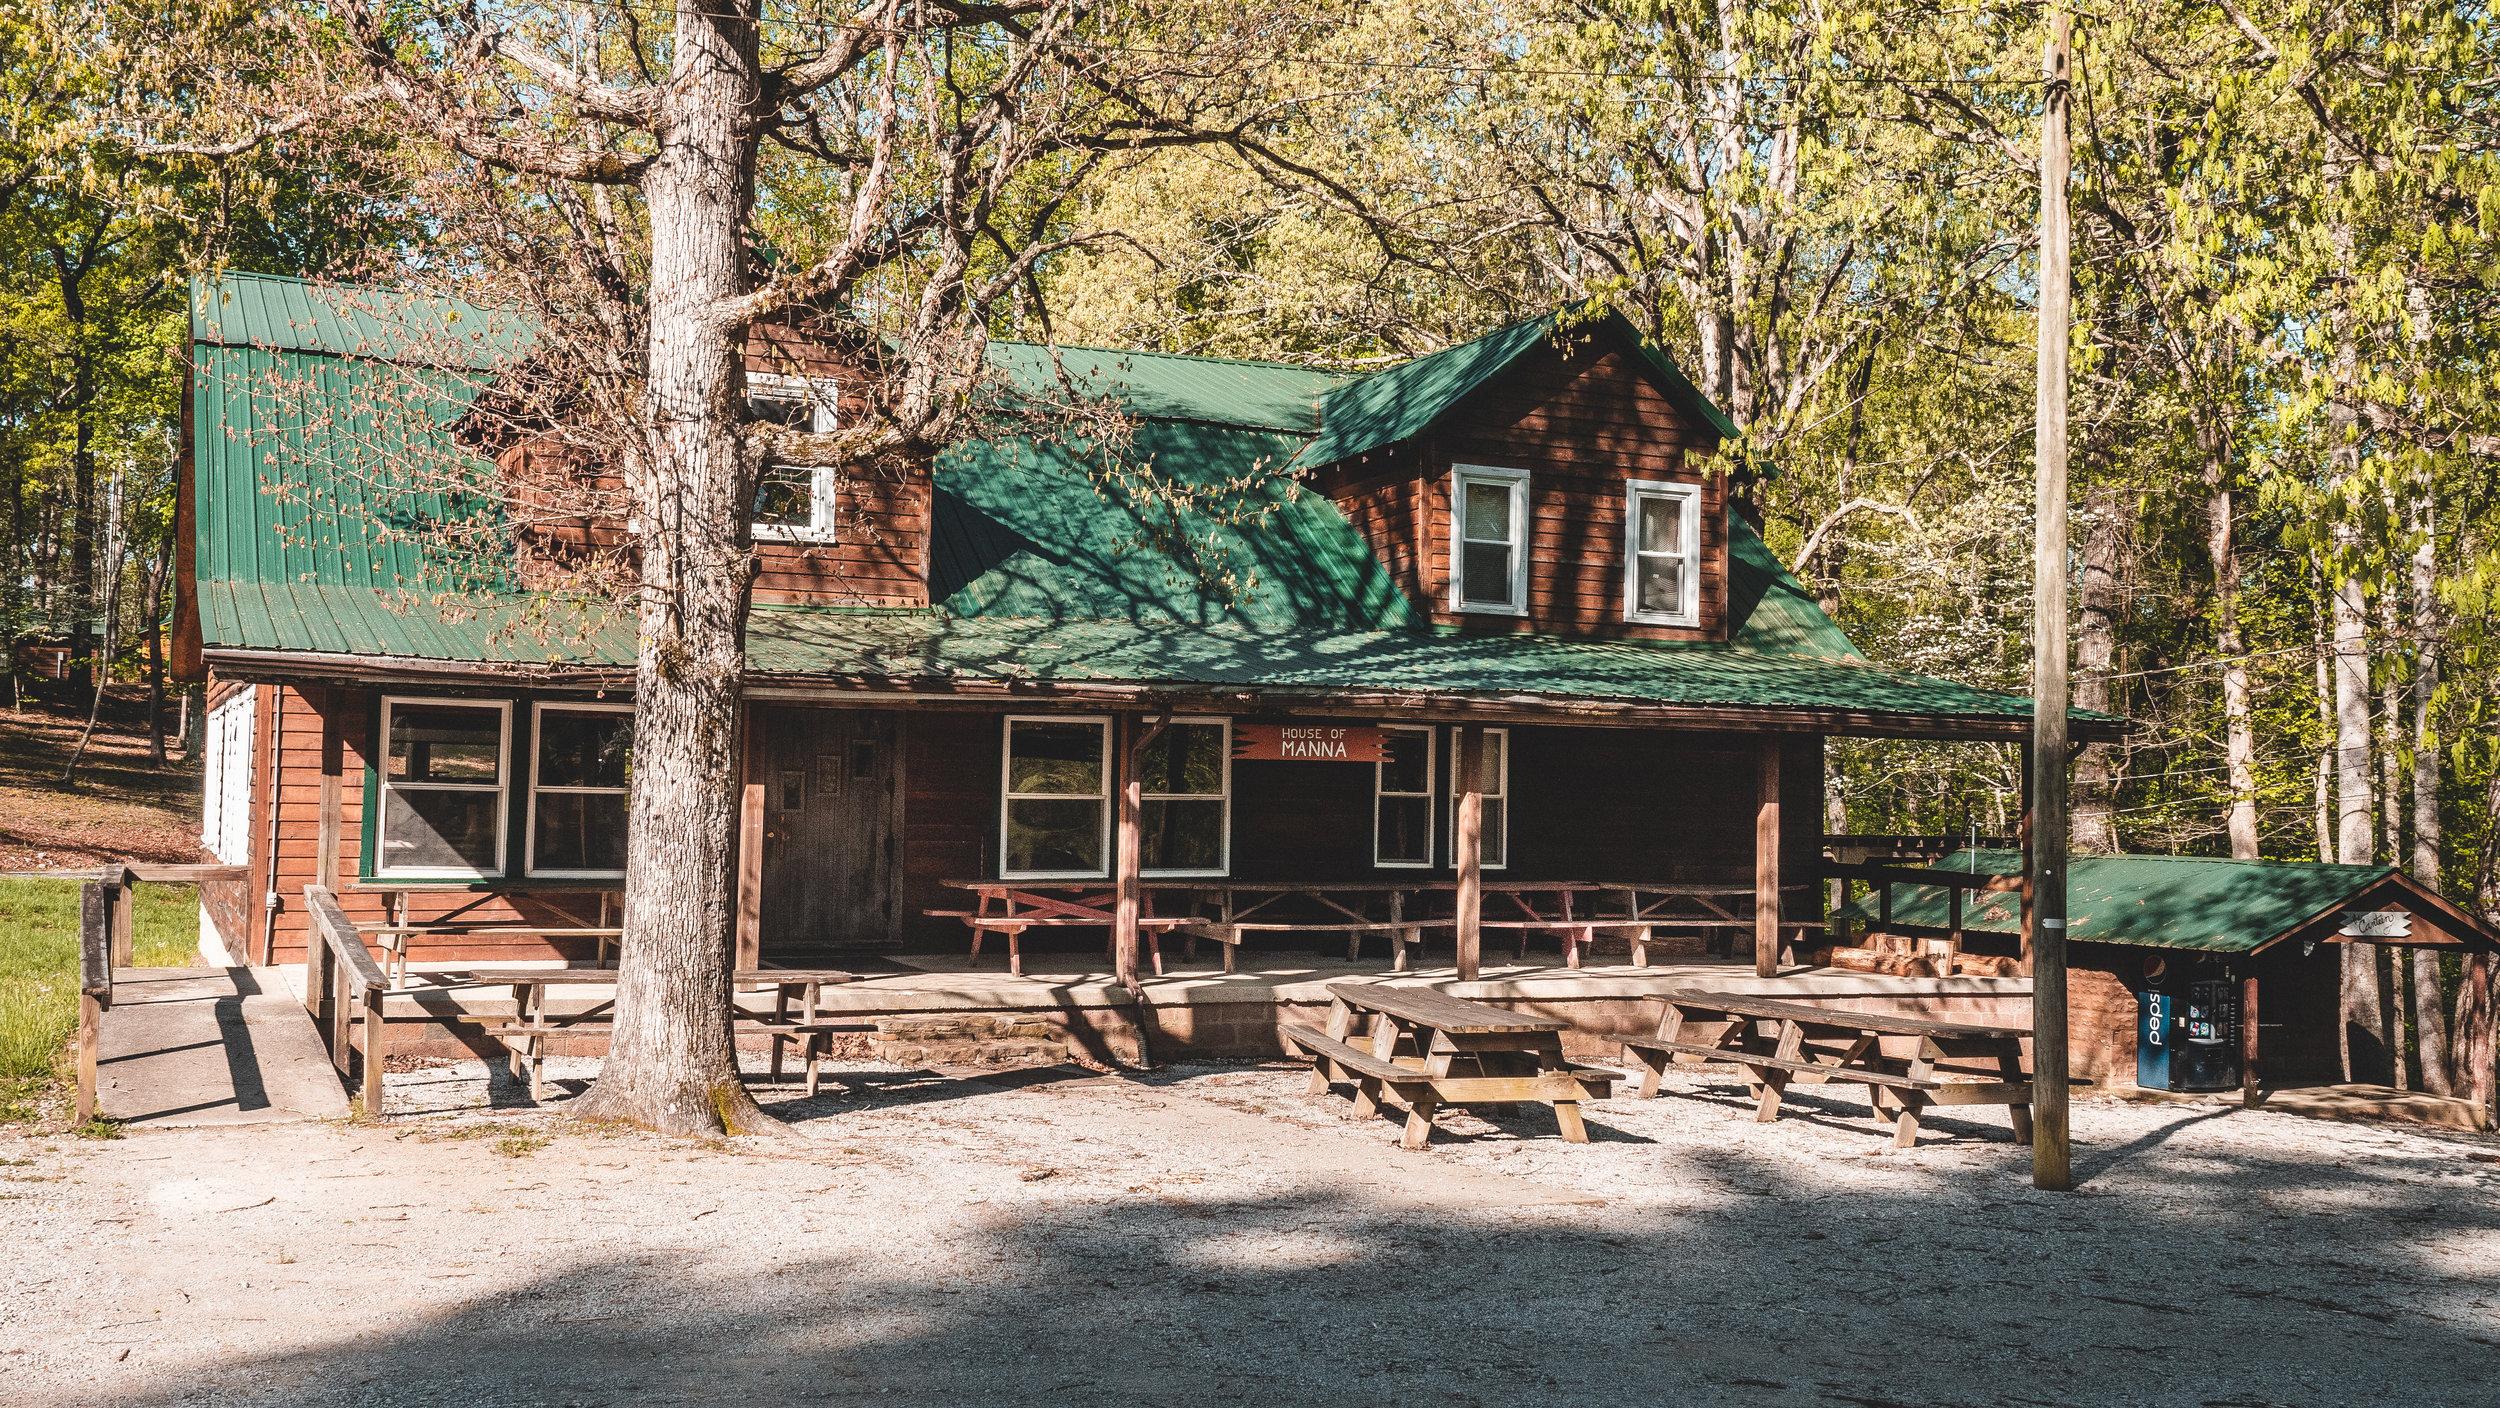 manna house.jpg